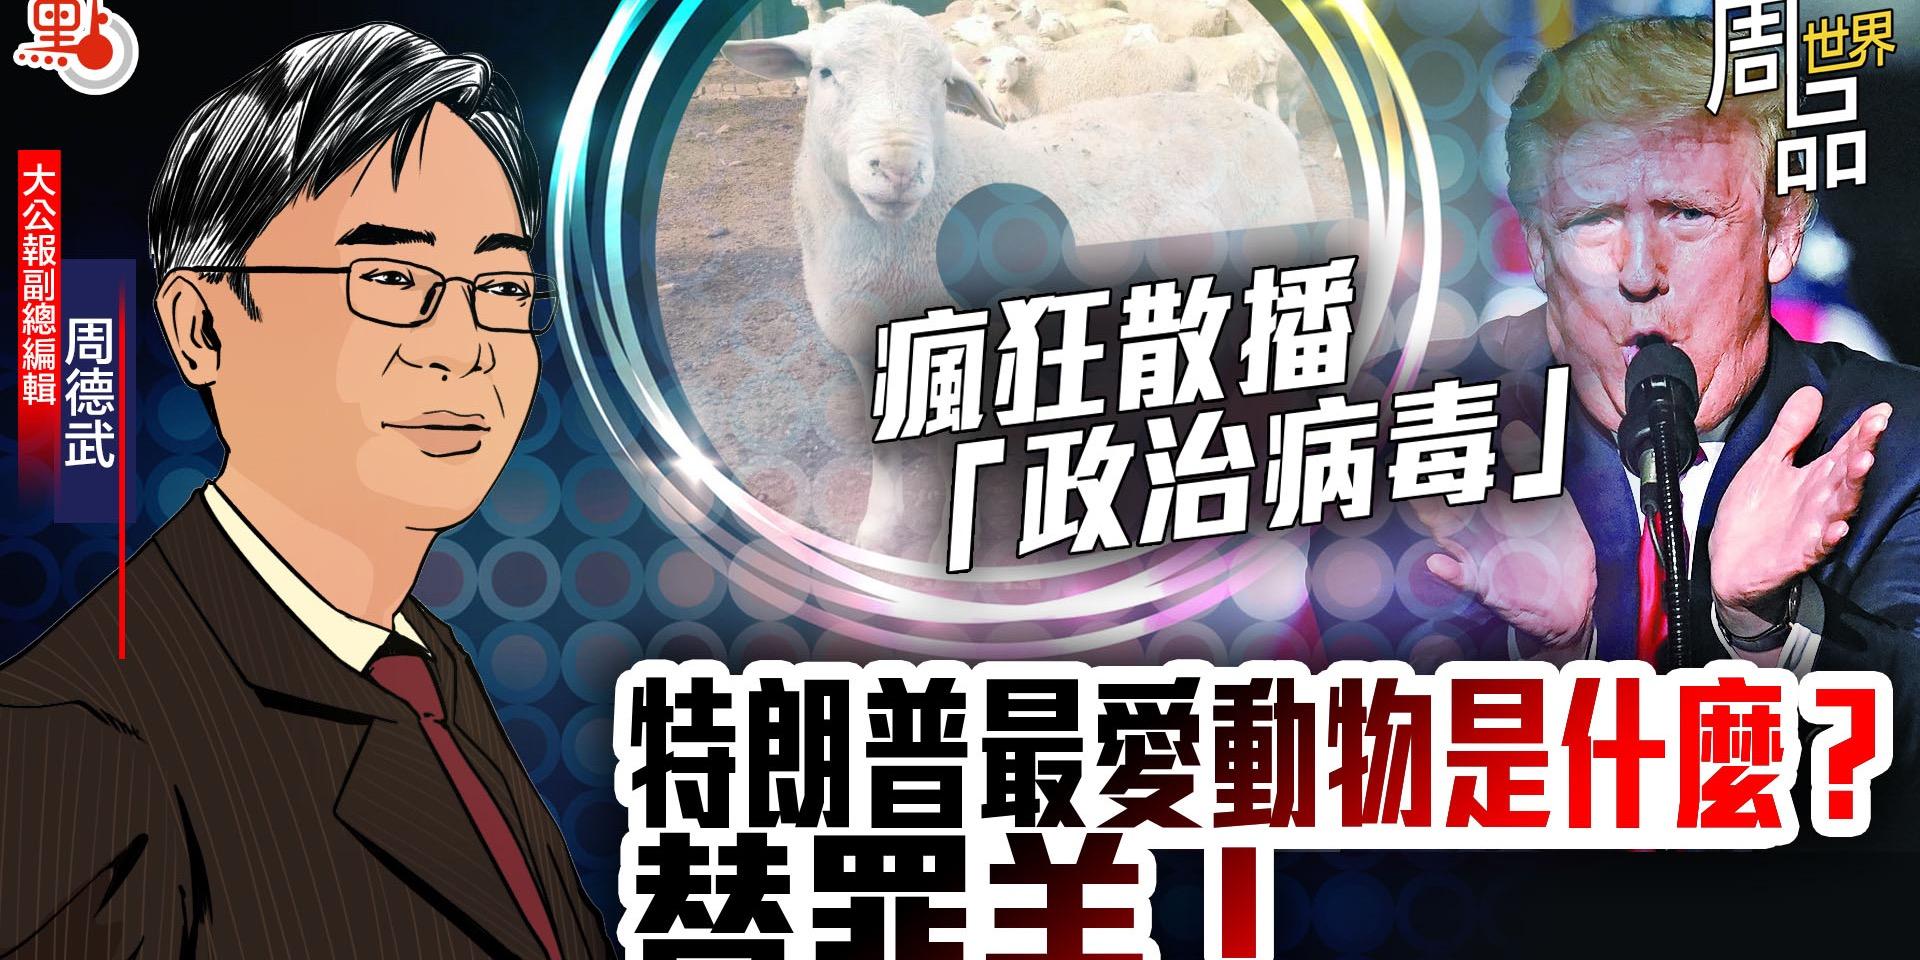 瘋狂散播「政治病毒」 特朗普最愛動物是什麼?替罪羊!【周品世界EP5】